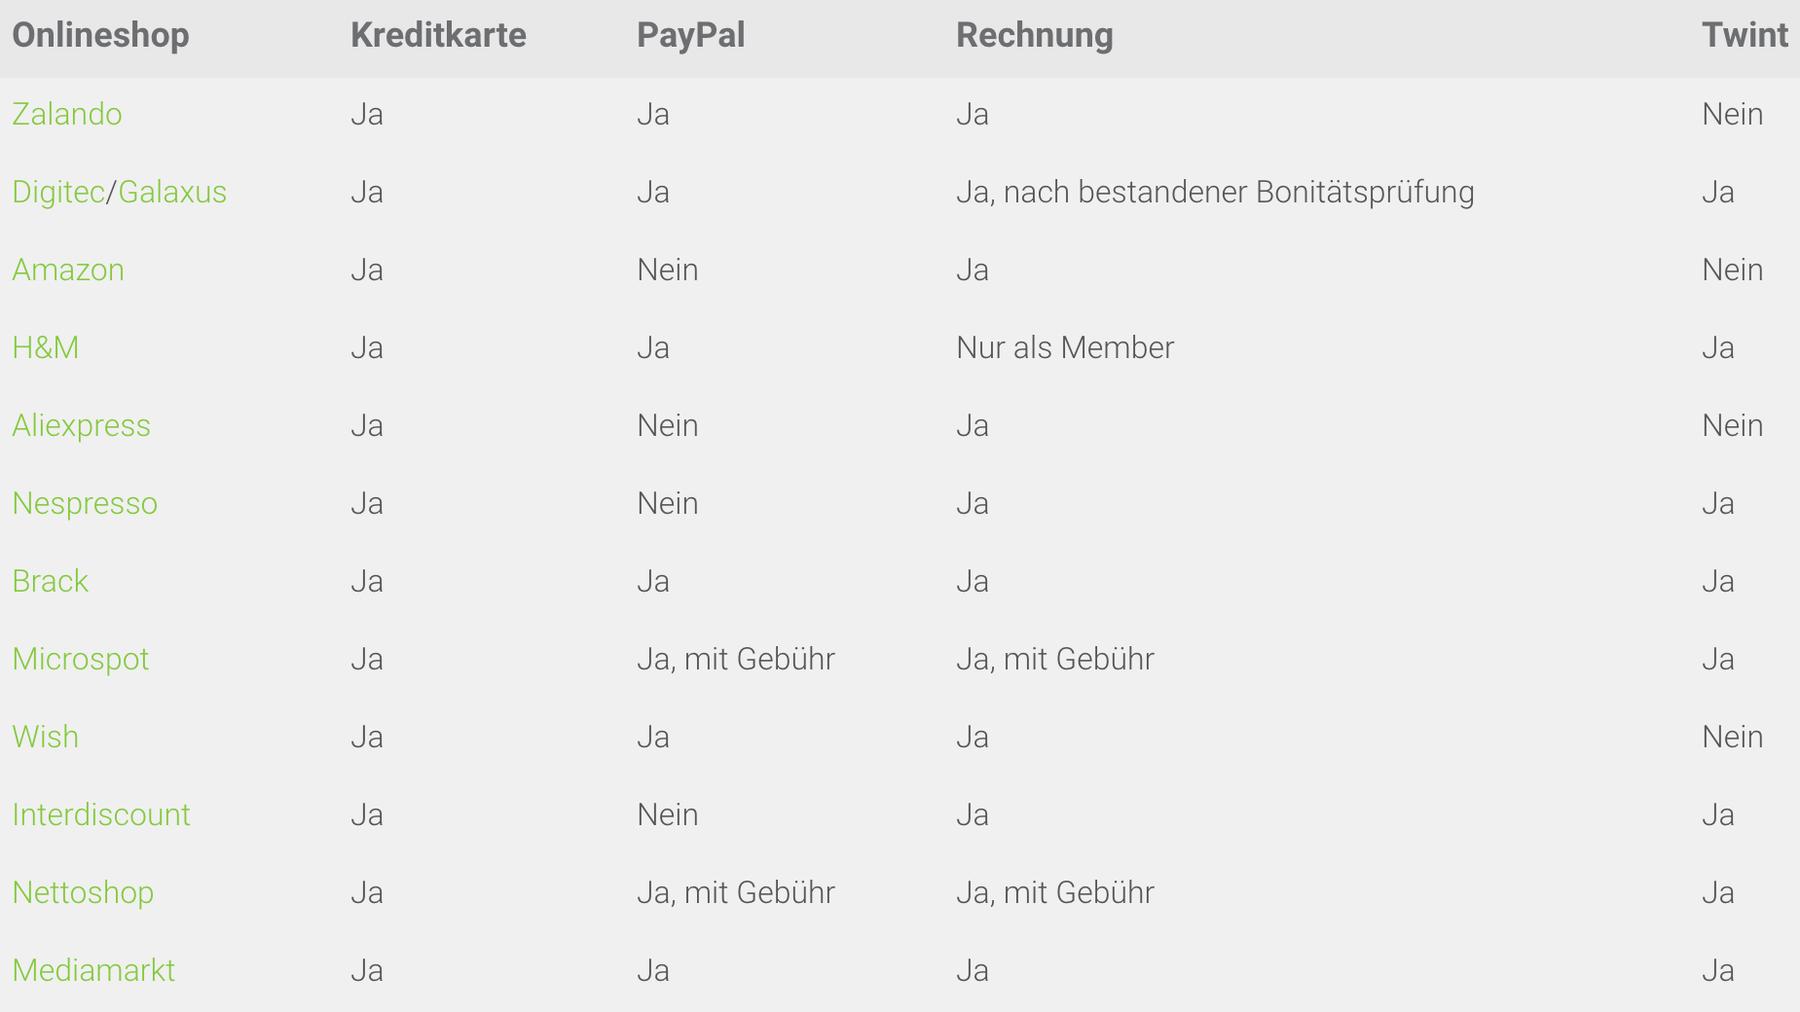 In der Tabelle sehen Sie die verschiedenen Zahlungsmöglichkeiten der untersuchten Onlineshops.